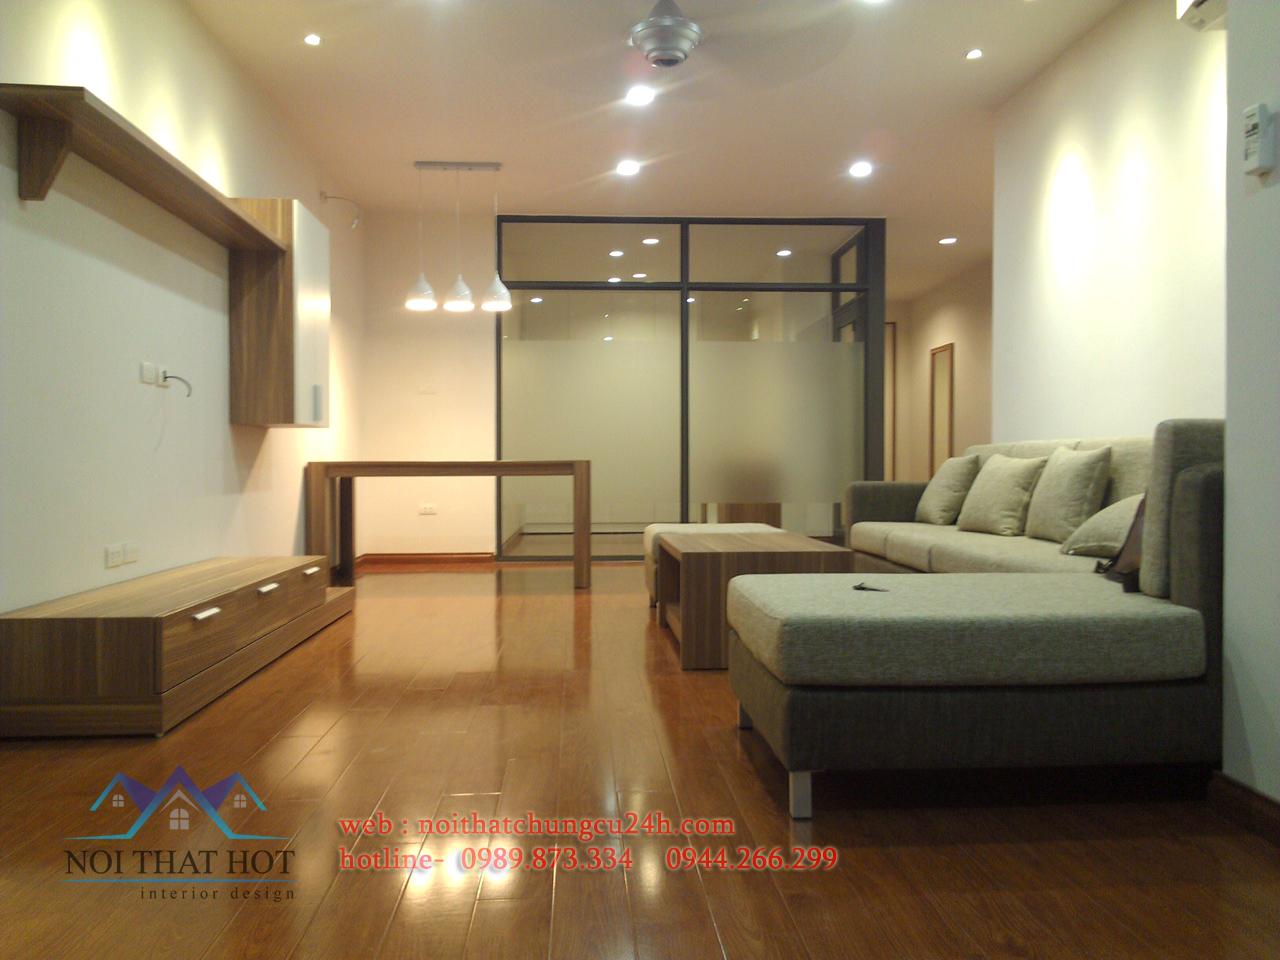 phòng khách trong thiết kế nội thất chung cư